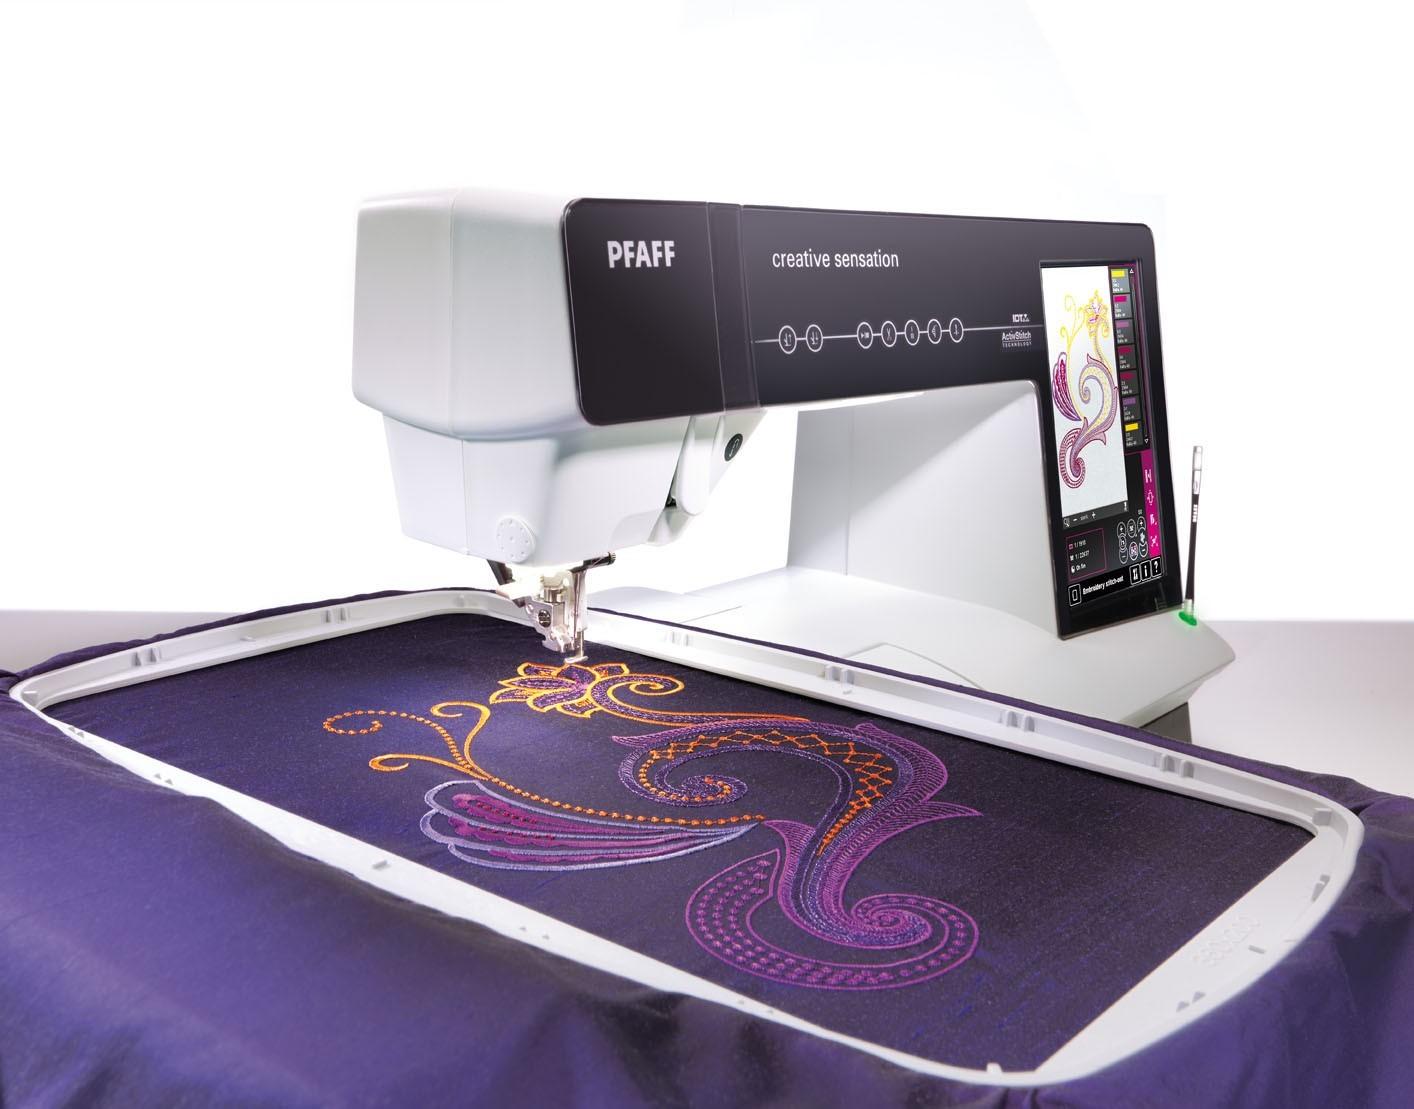 Pfaff дизайны для машинной вышивки pfaff